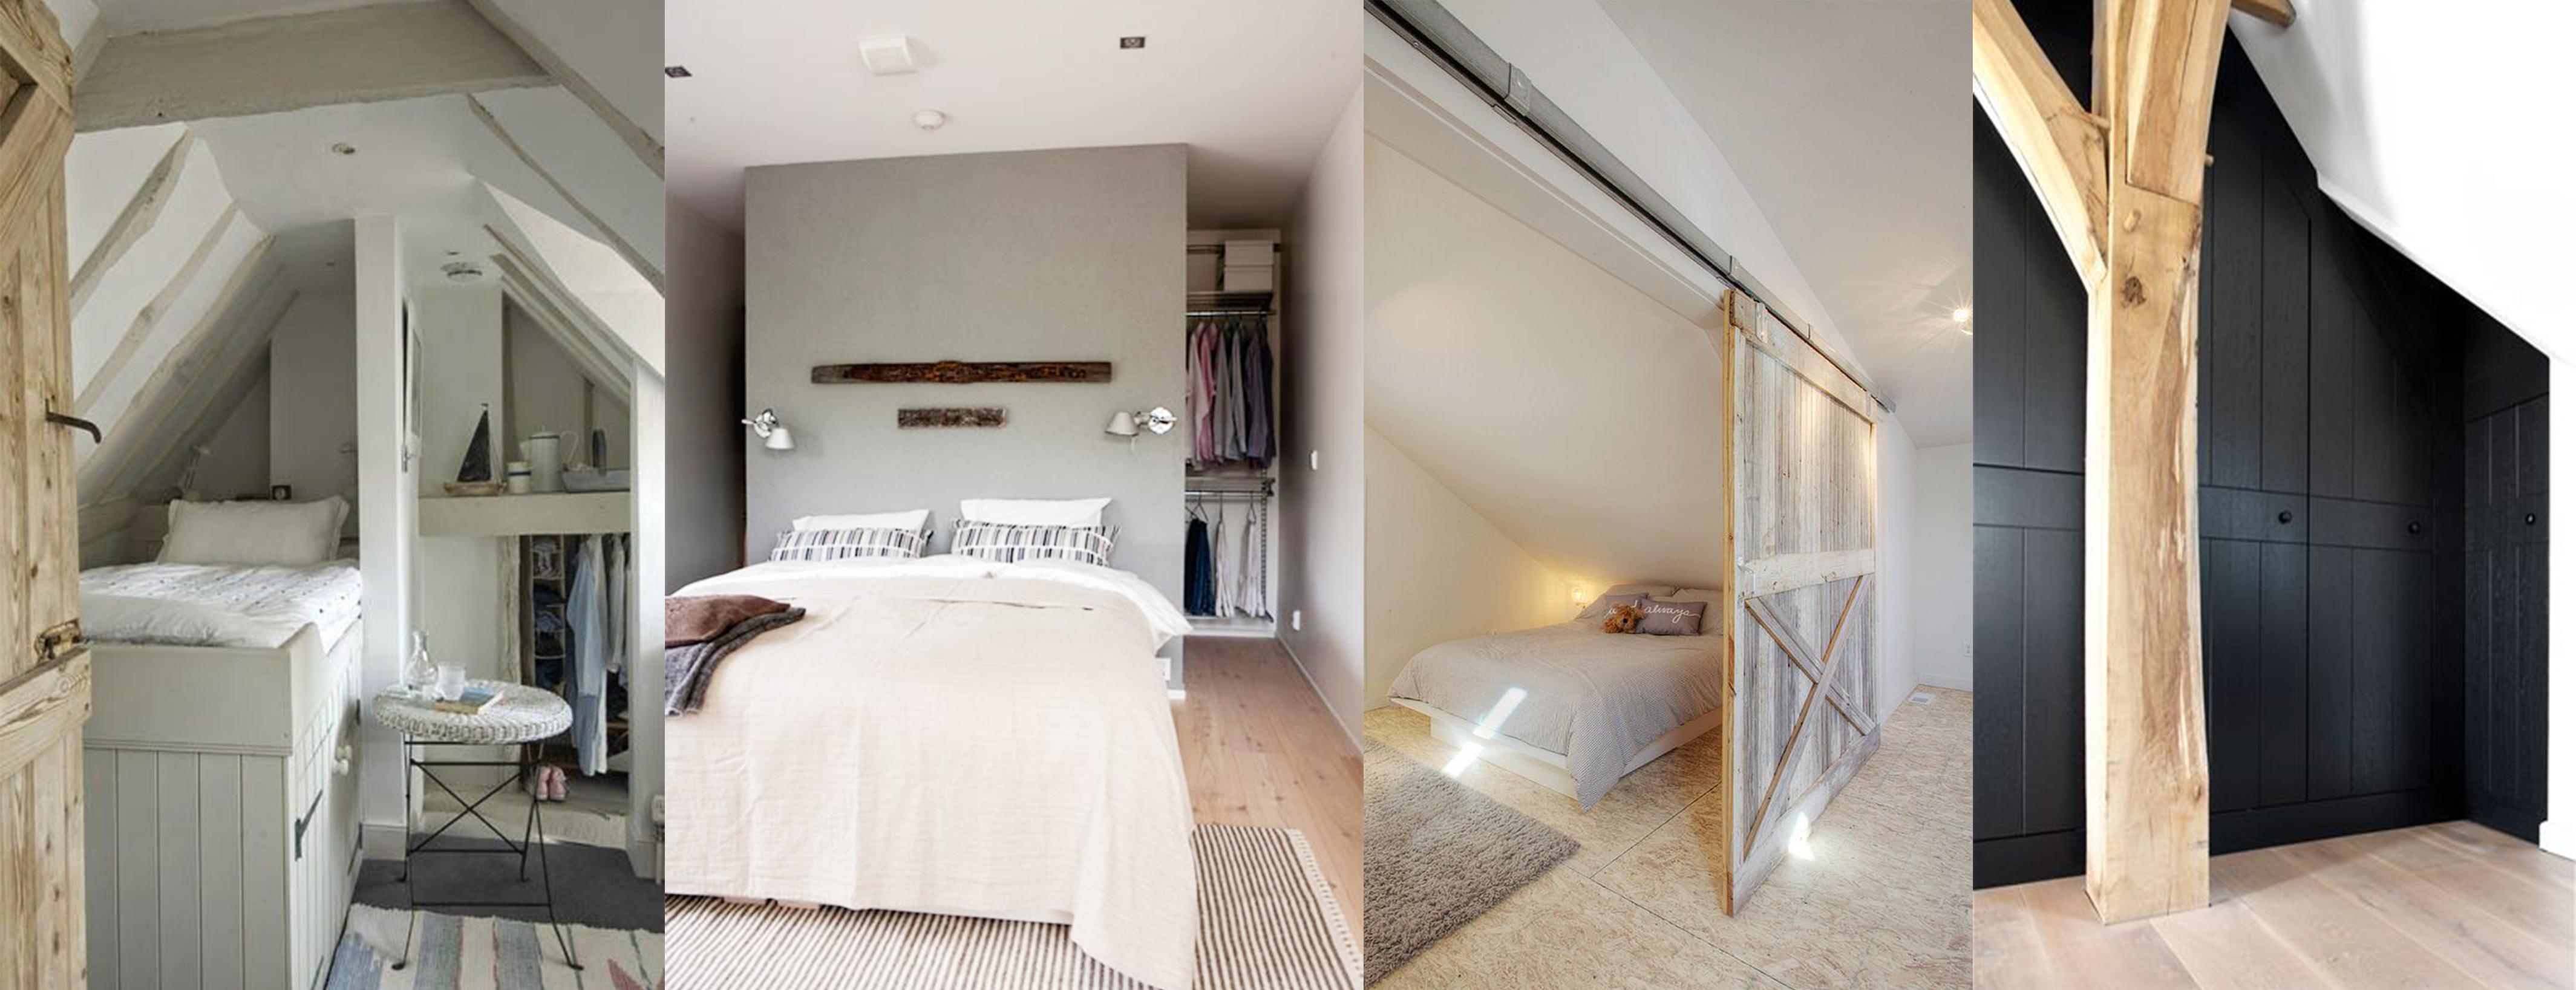 slaapkamer op maat, Meubels Ideeën